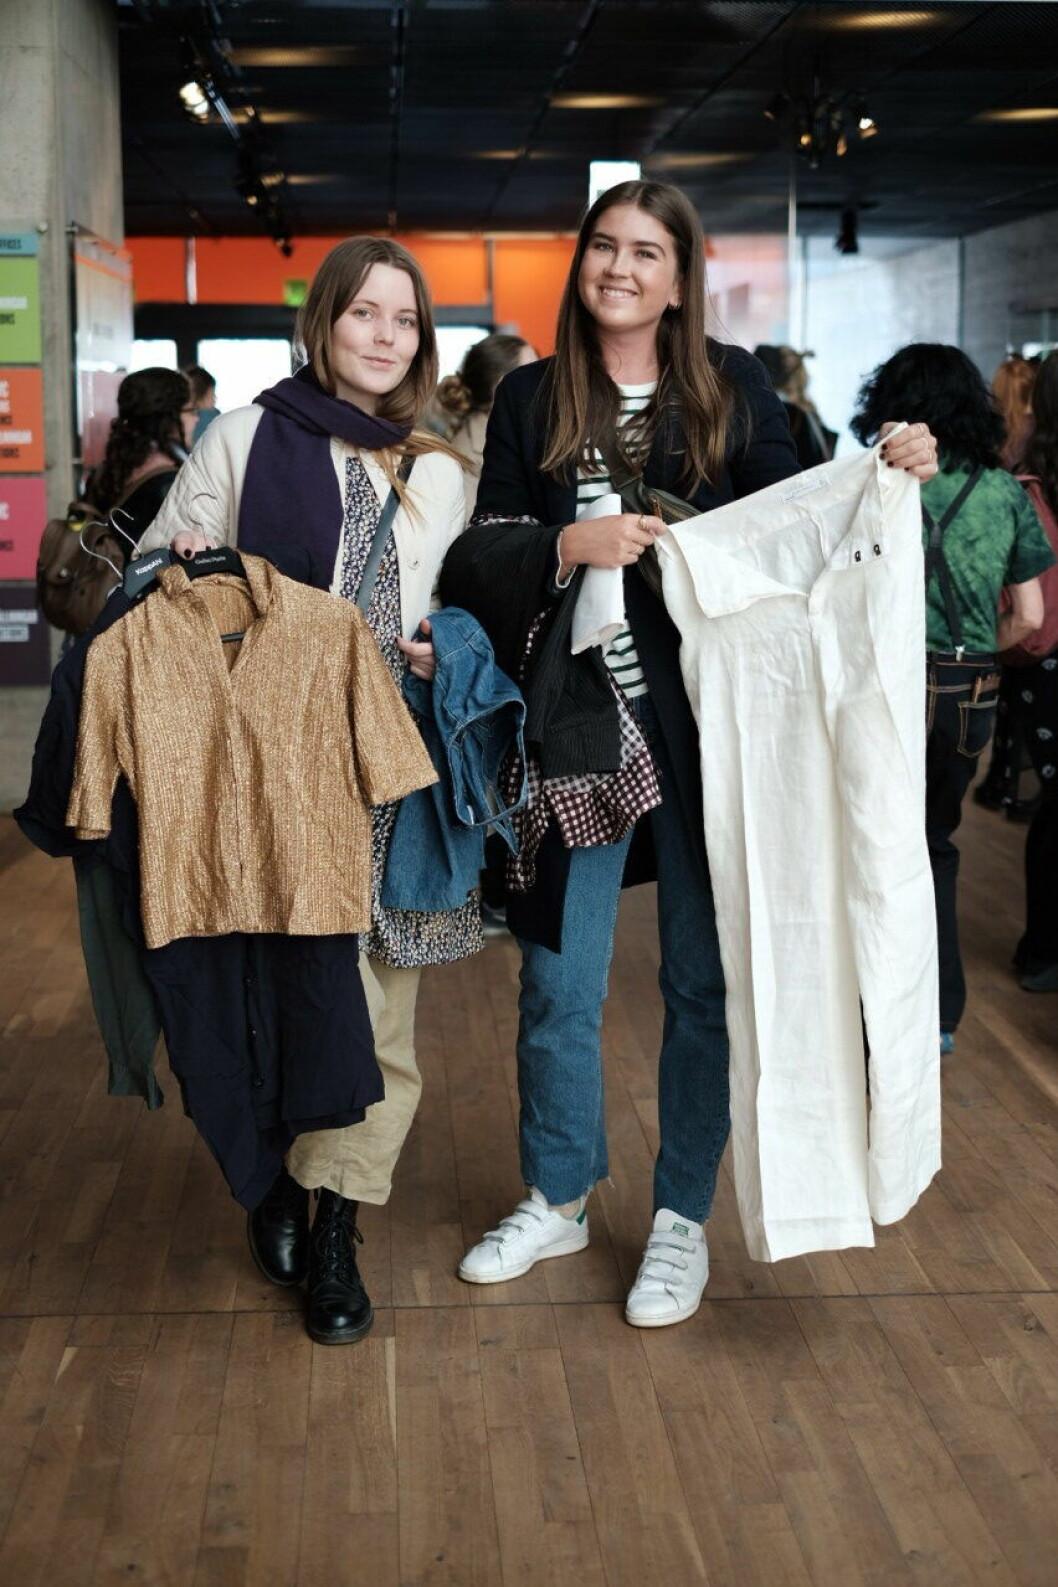 Naturskyddsföreningens klädbytardag – störst i Sverige